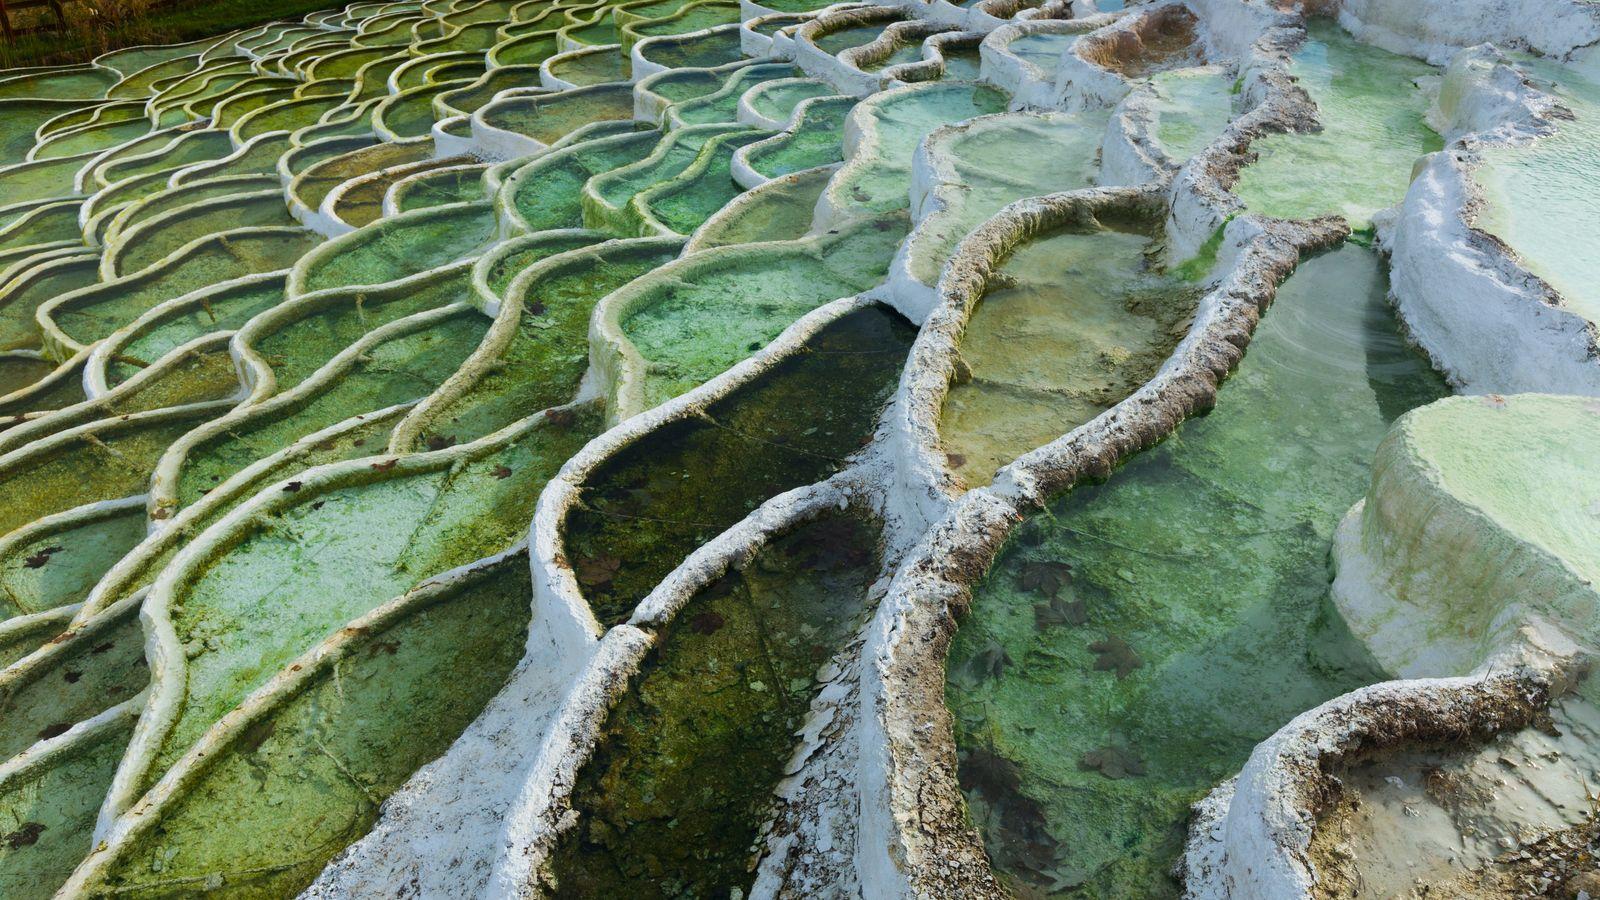 Les eaux thermales colorées d'Egerszalok reposent dans des formations de pierre calcaire en terrasse recouvertes de ...